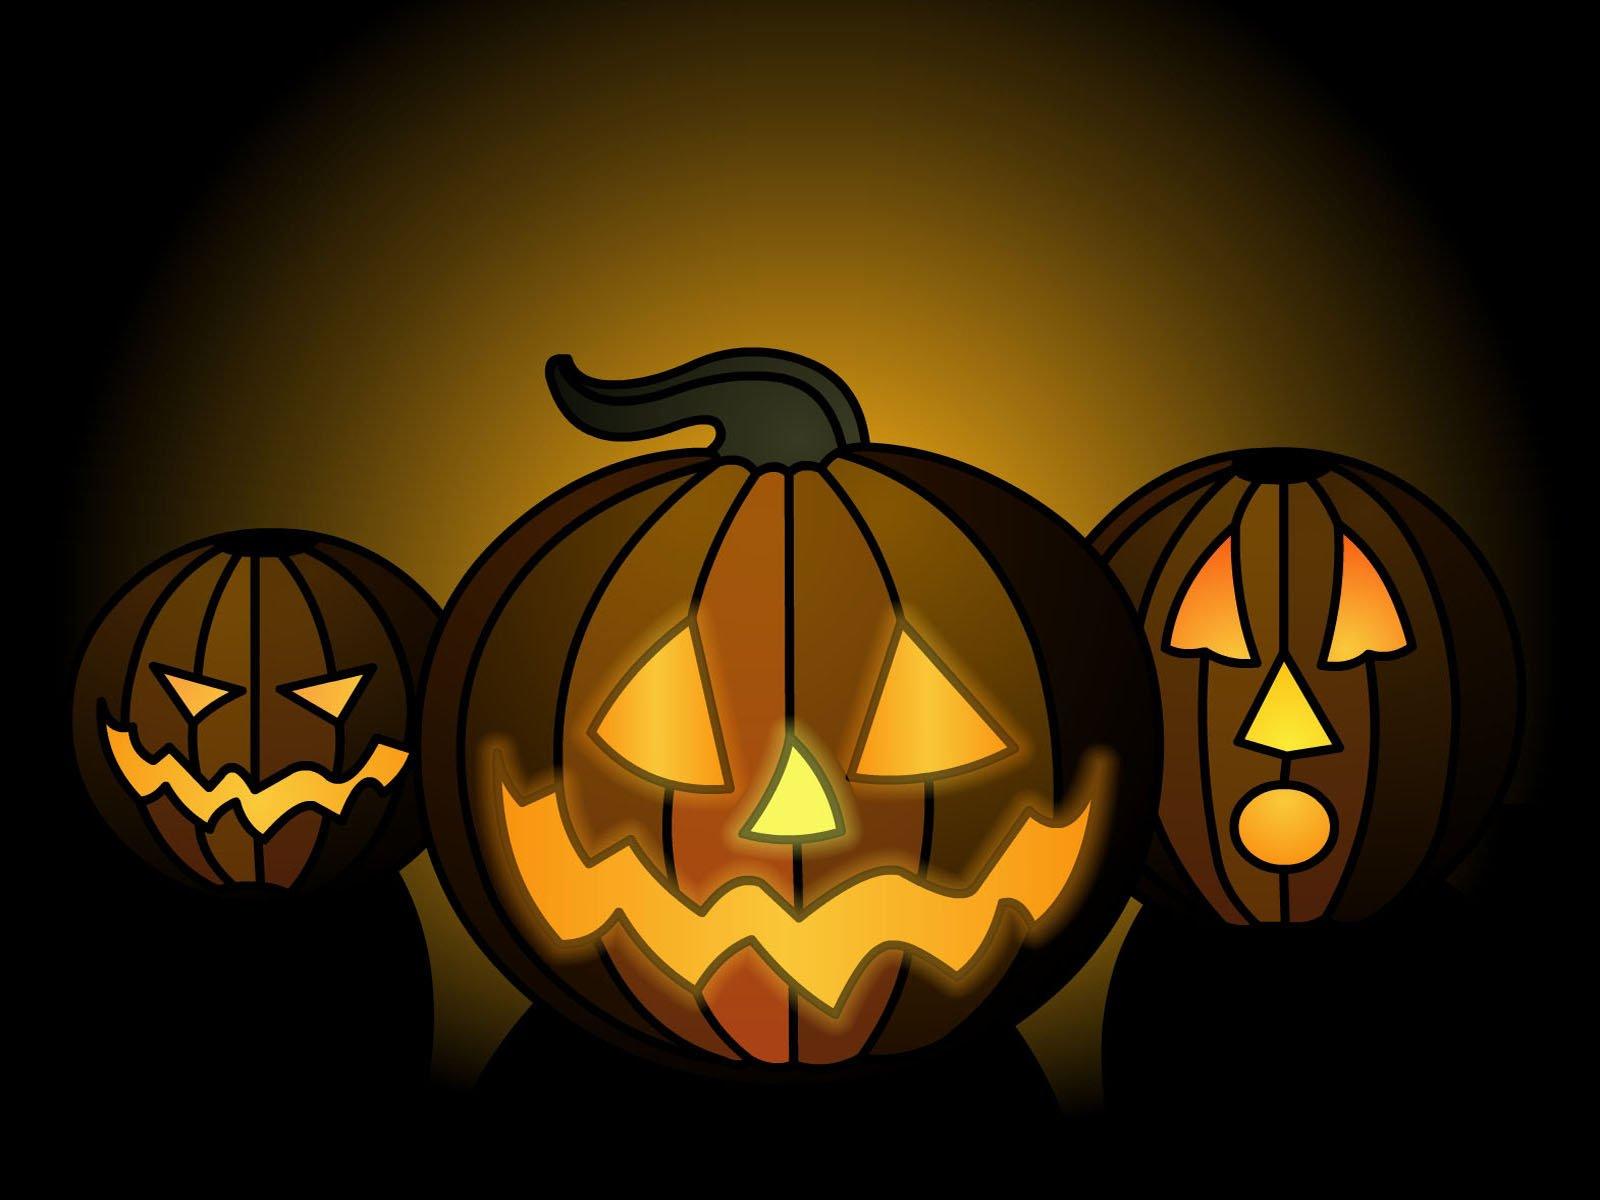 Halloween pumpkins Desktop Wallpapers FREE on Latorocom 1600x1200